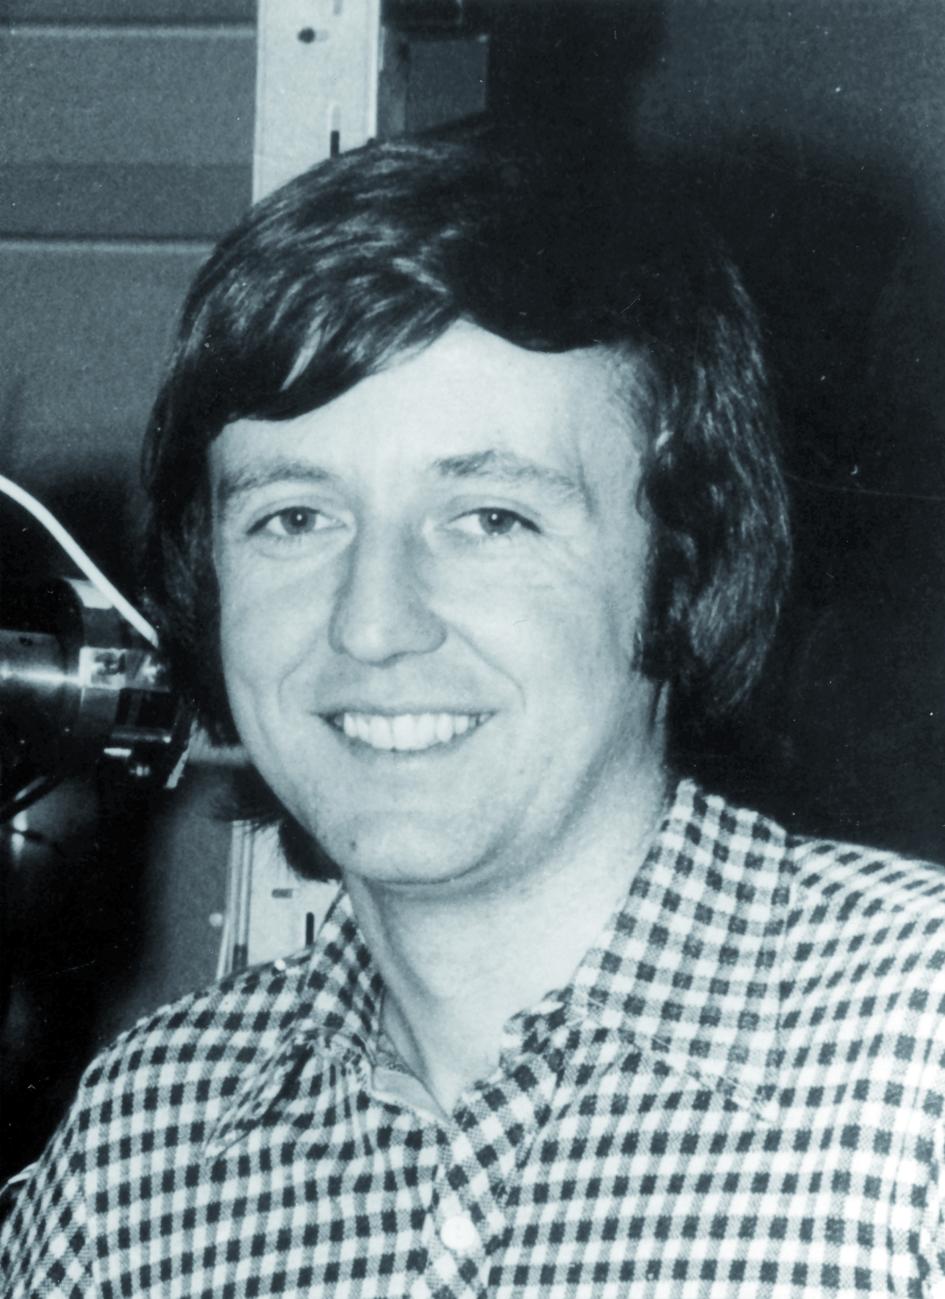 Portraitfoto von Herrn Frans Willem Saris.